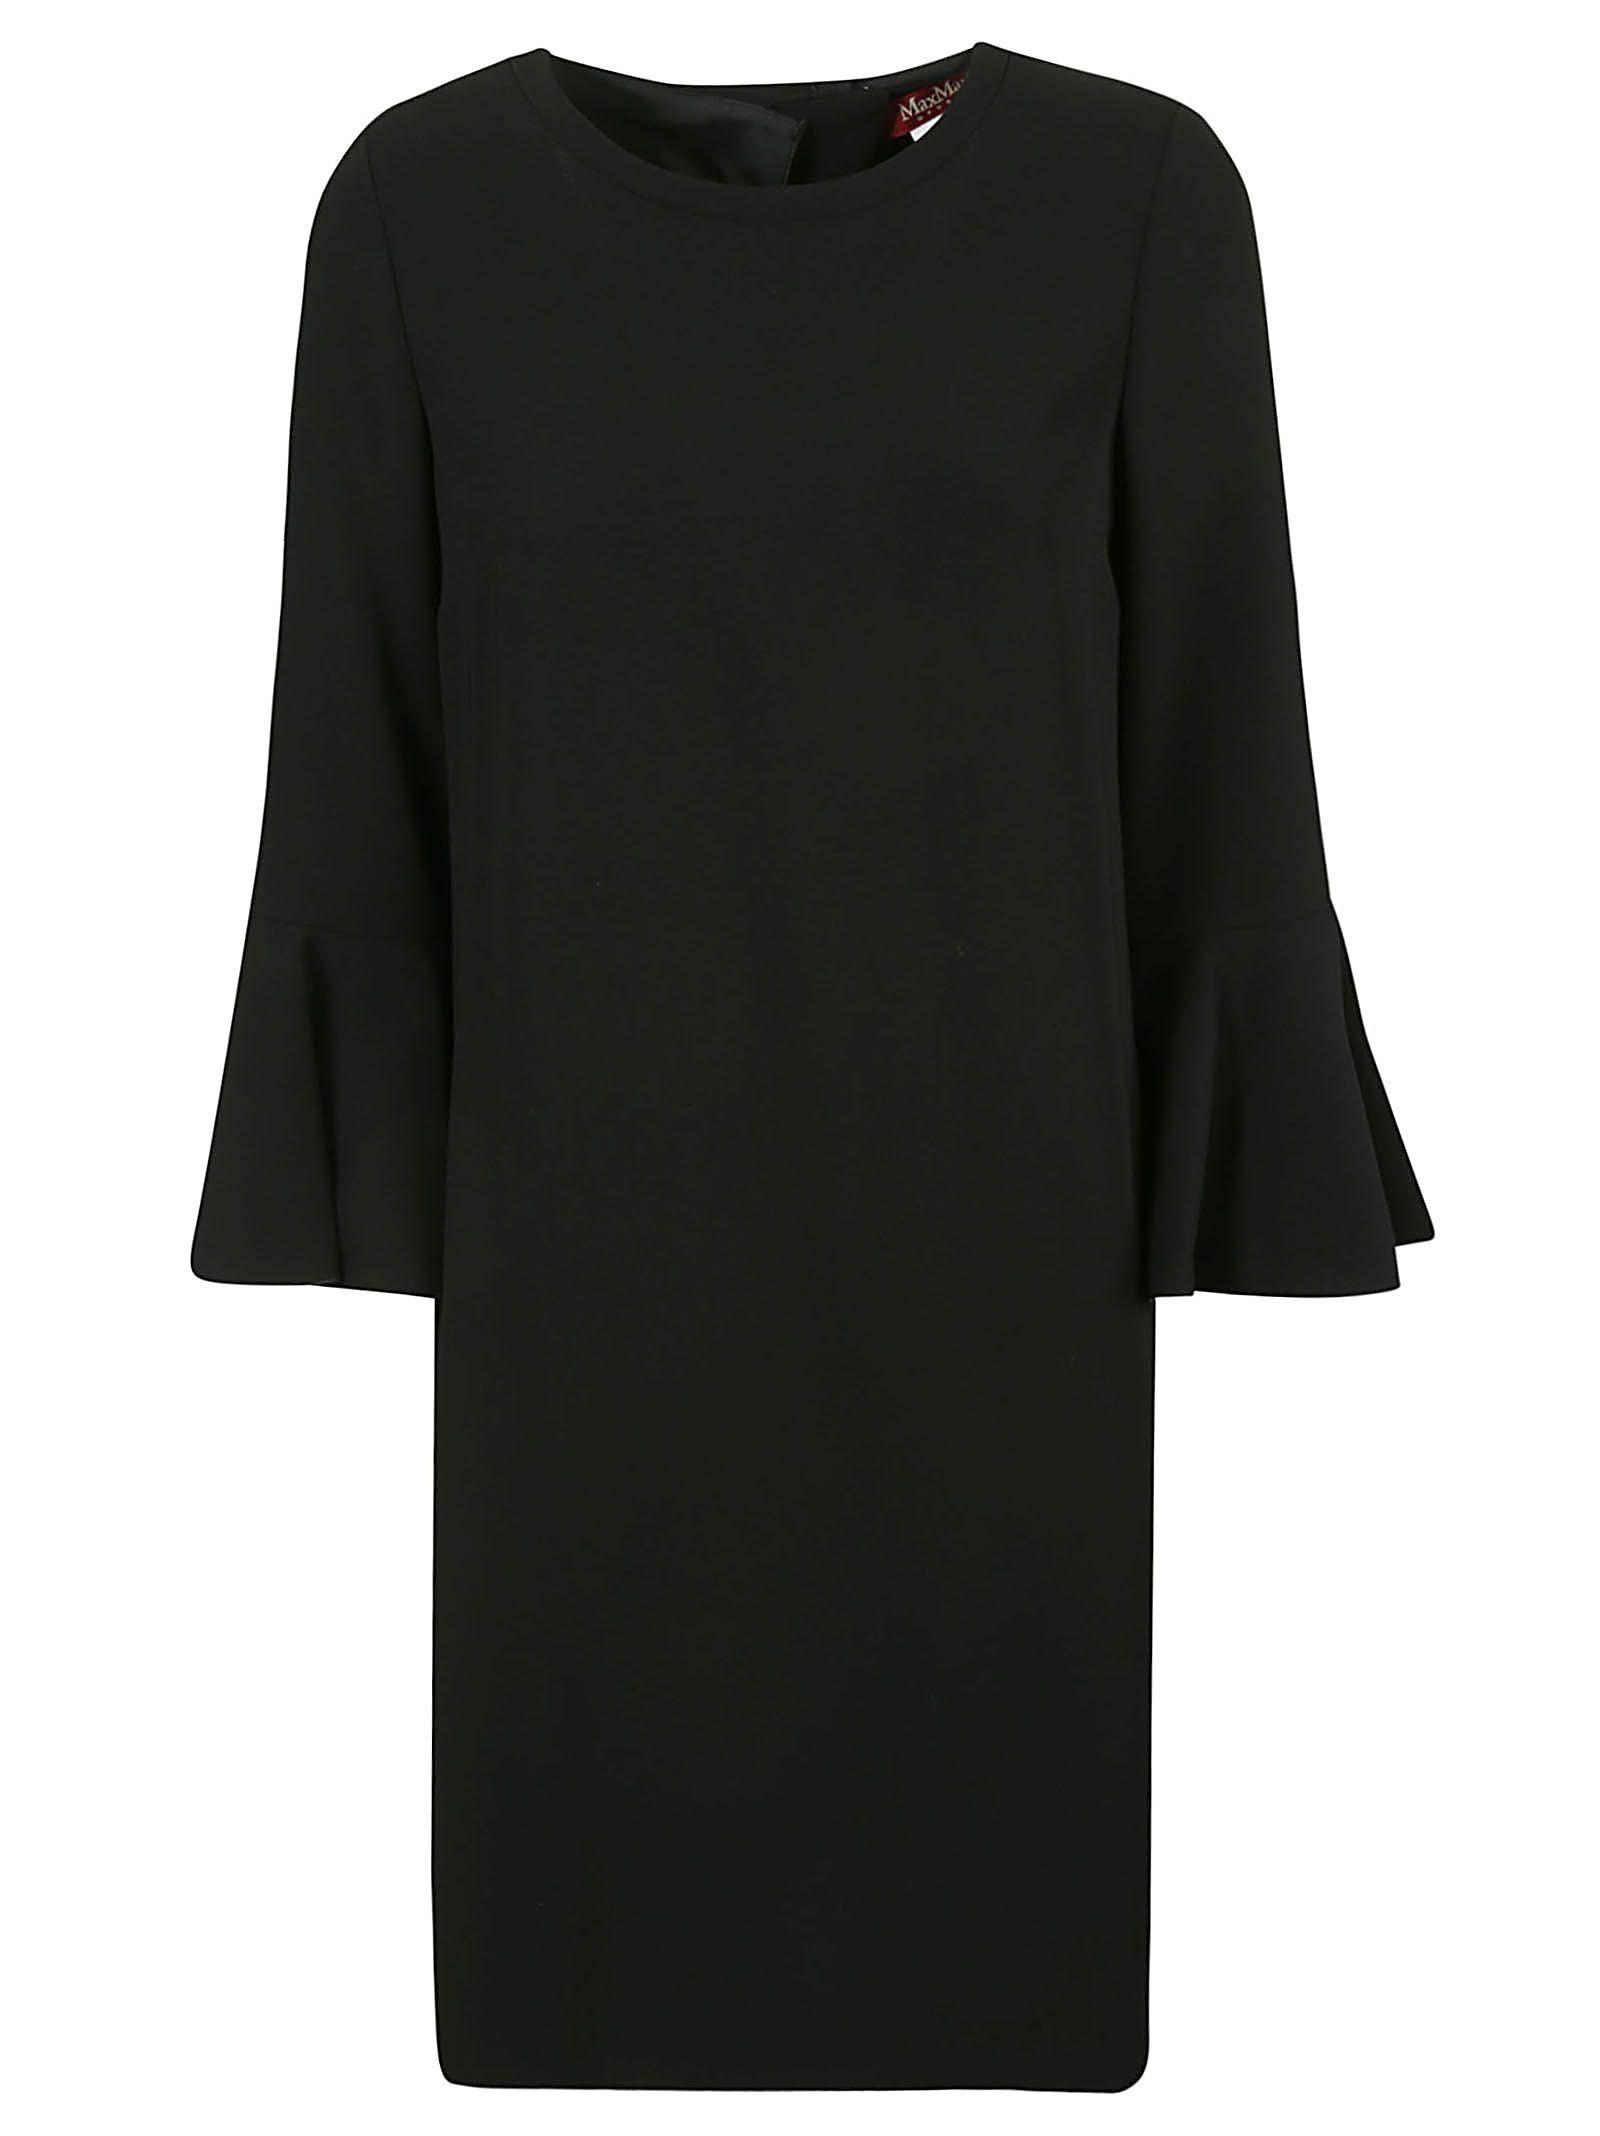 Max Mara Studio Ruffled Dress